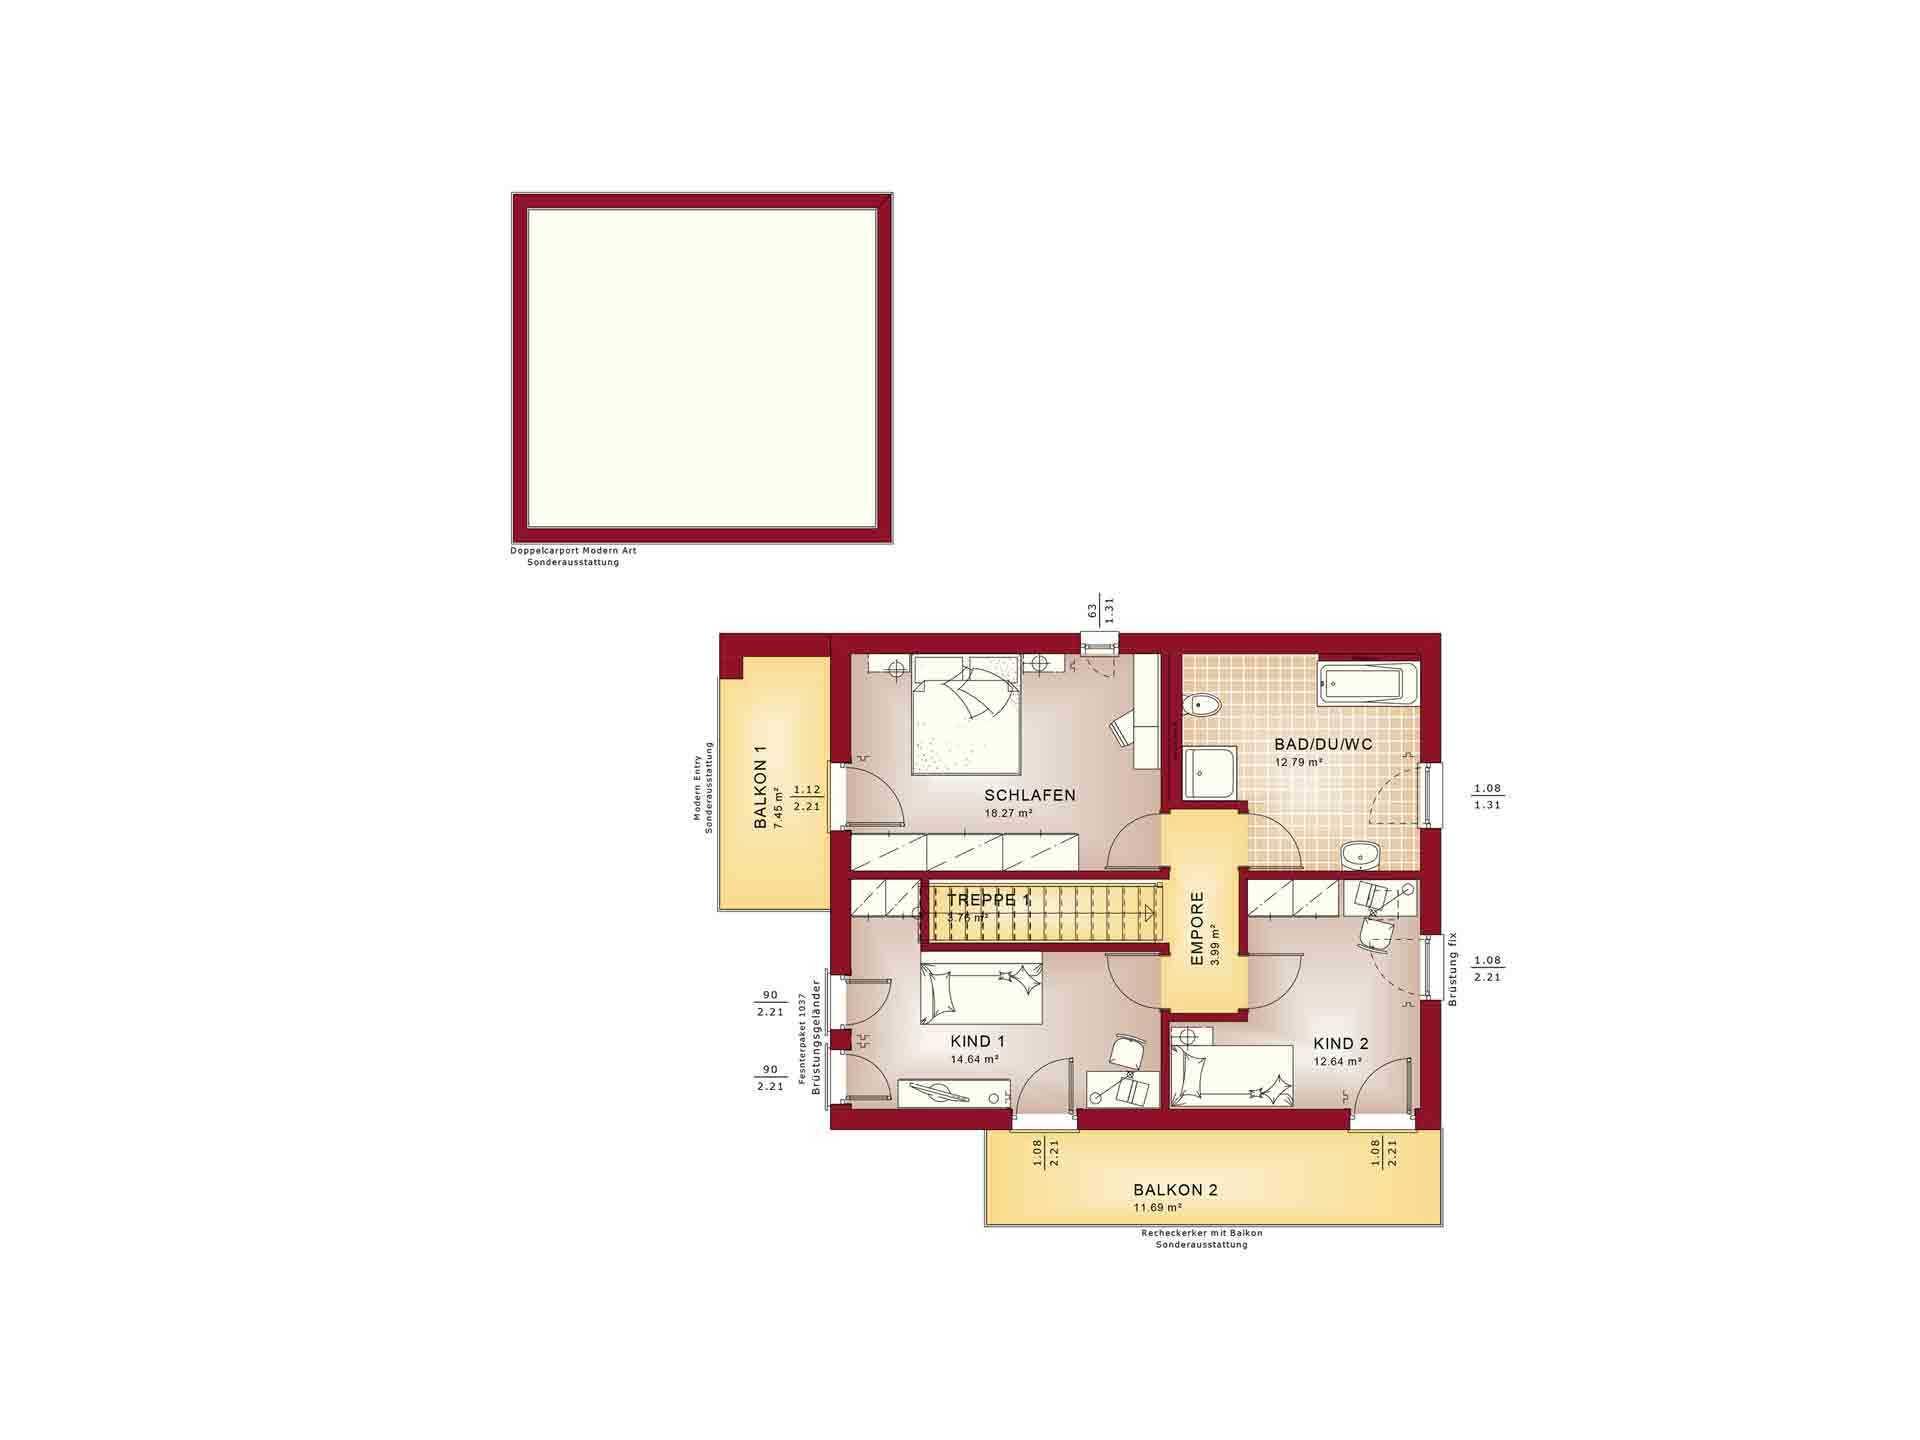 Evolution 134 v8 - Eine Nahaufnahme von einem Logo - Gebäudeplan